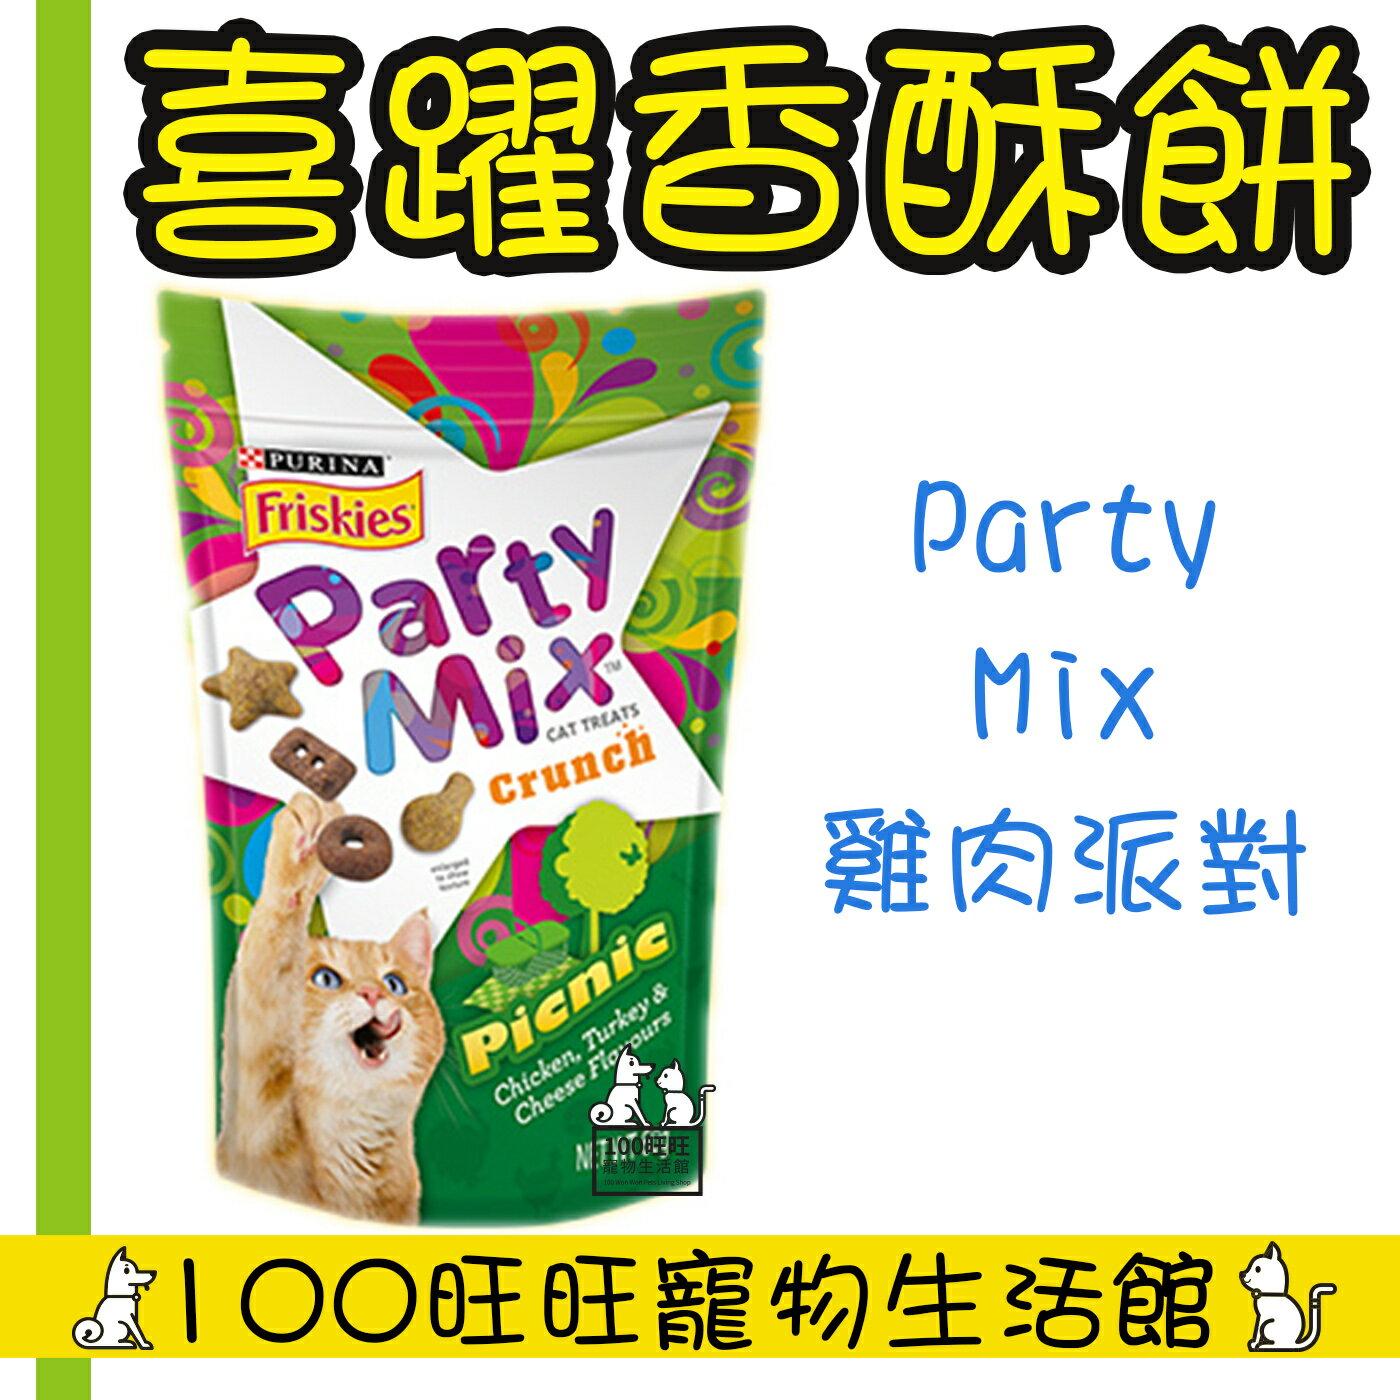 Friskies 喜躍 PartyMix 香酥餅 貓零食60g